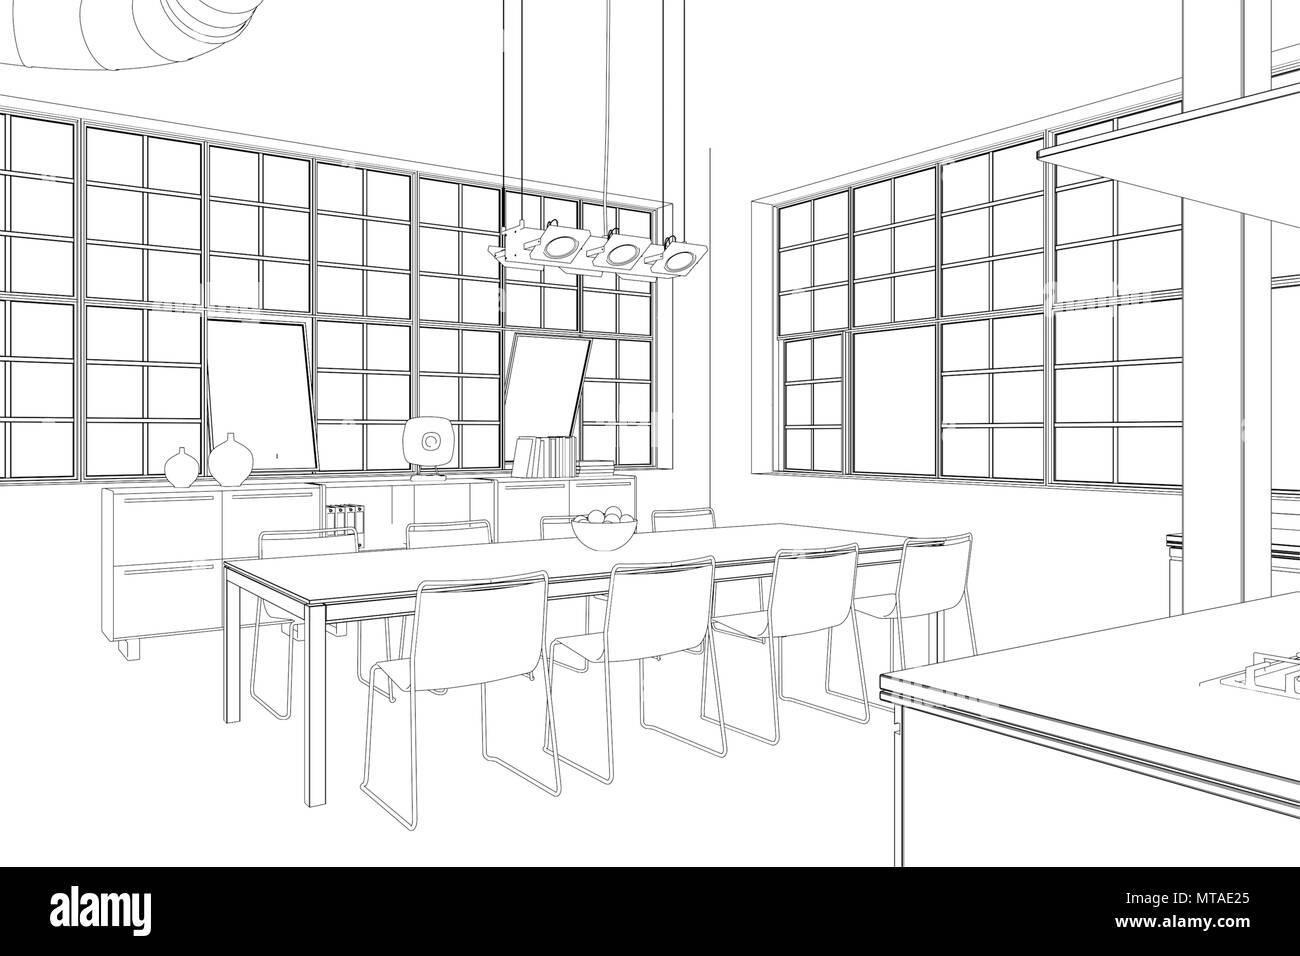 Innenarchitektur Loft Esszimmer benutzerdefiniertes Zeichnen ...